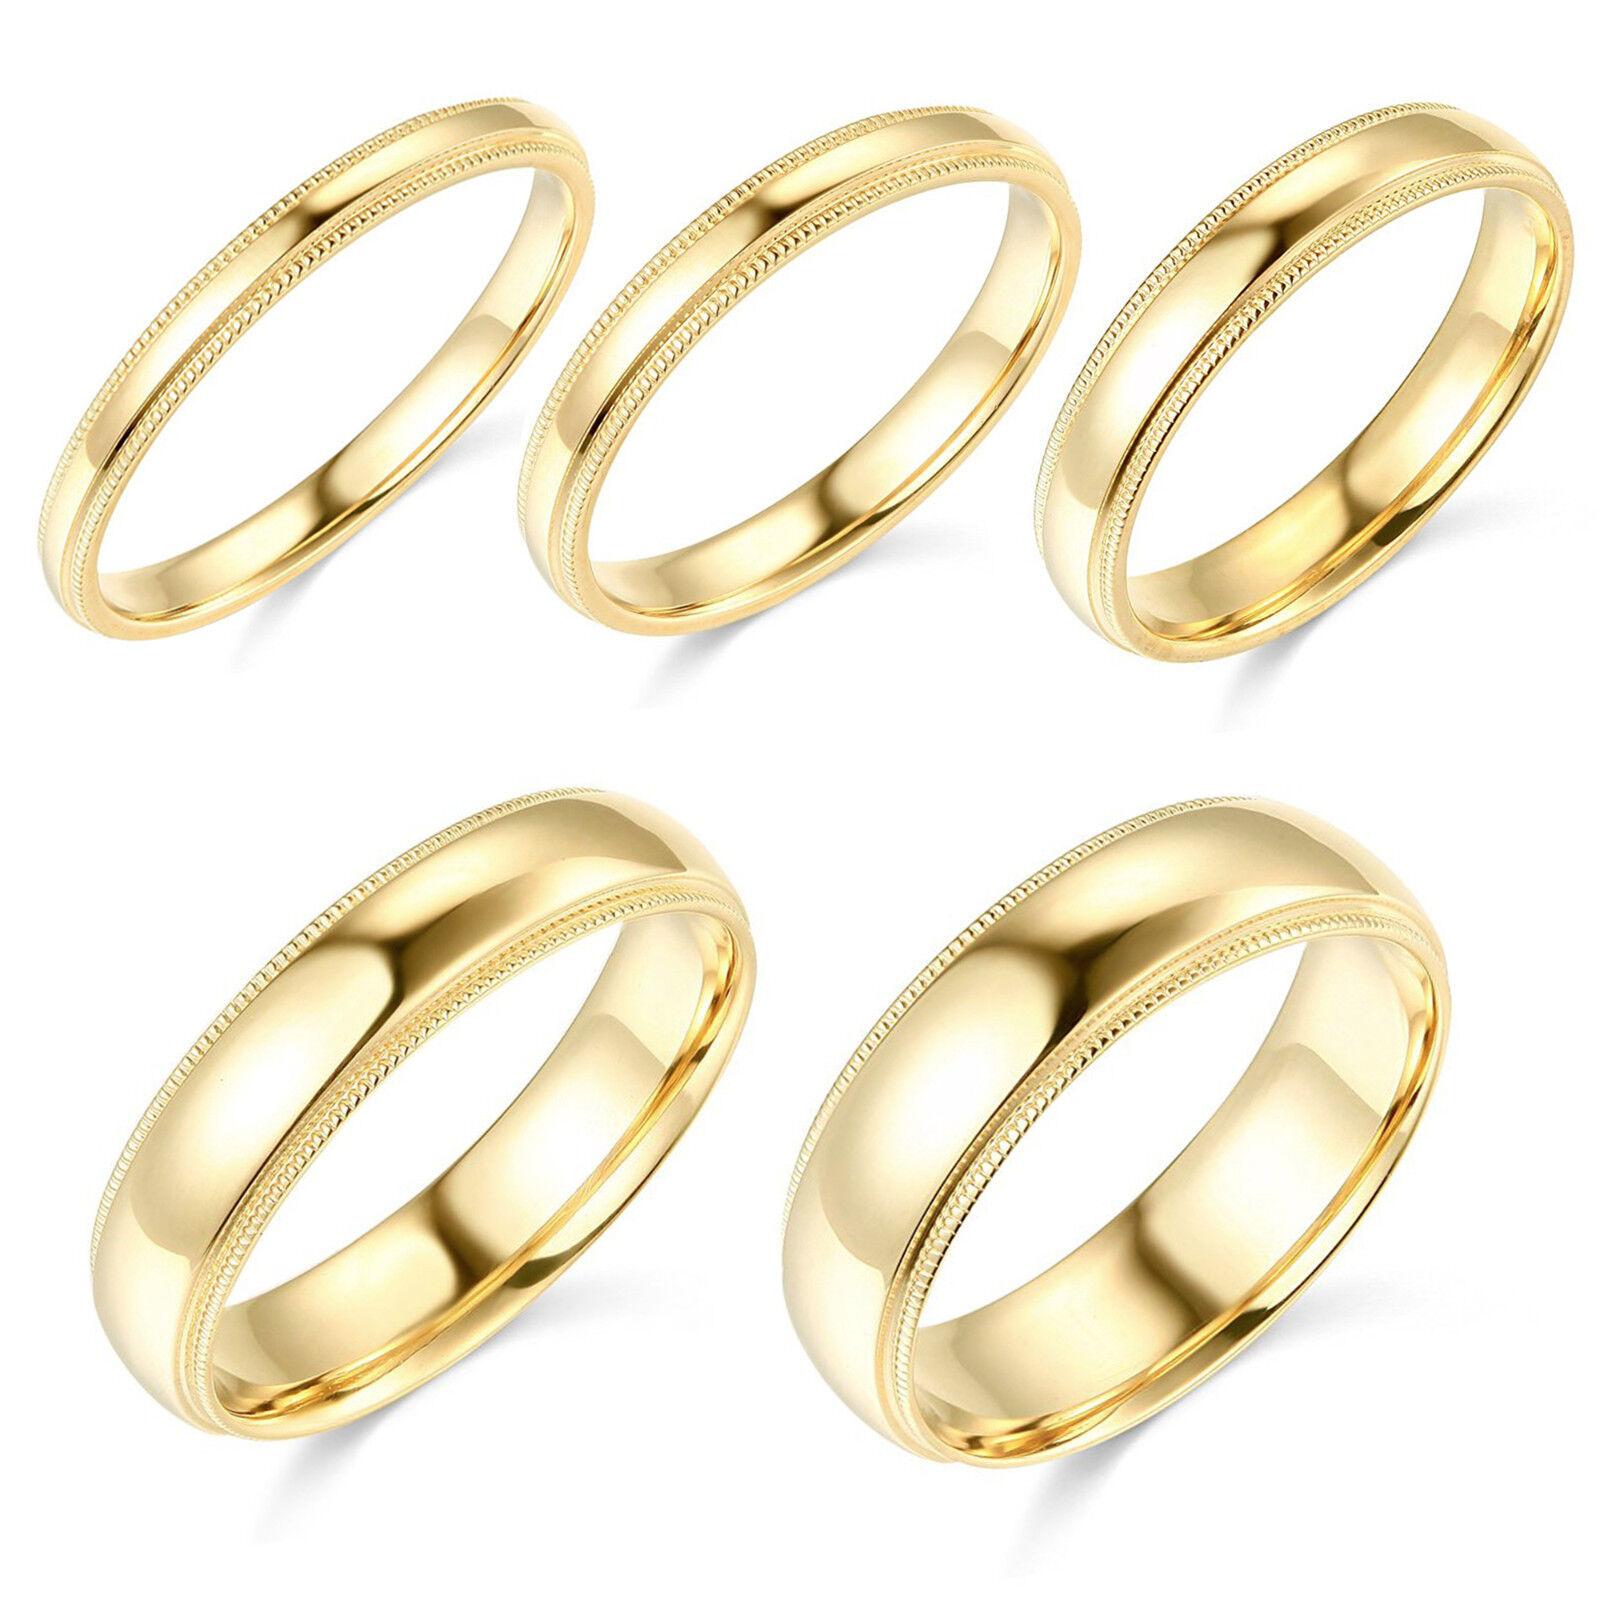 10K Yellow Gold 2mm 3mm 4mm 5mm 6mm Comfort Fit Men Women Milgrain Wedding Band